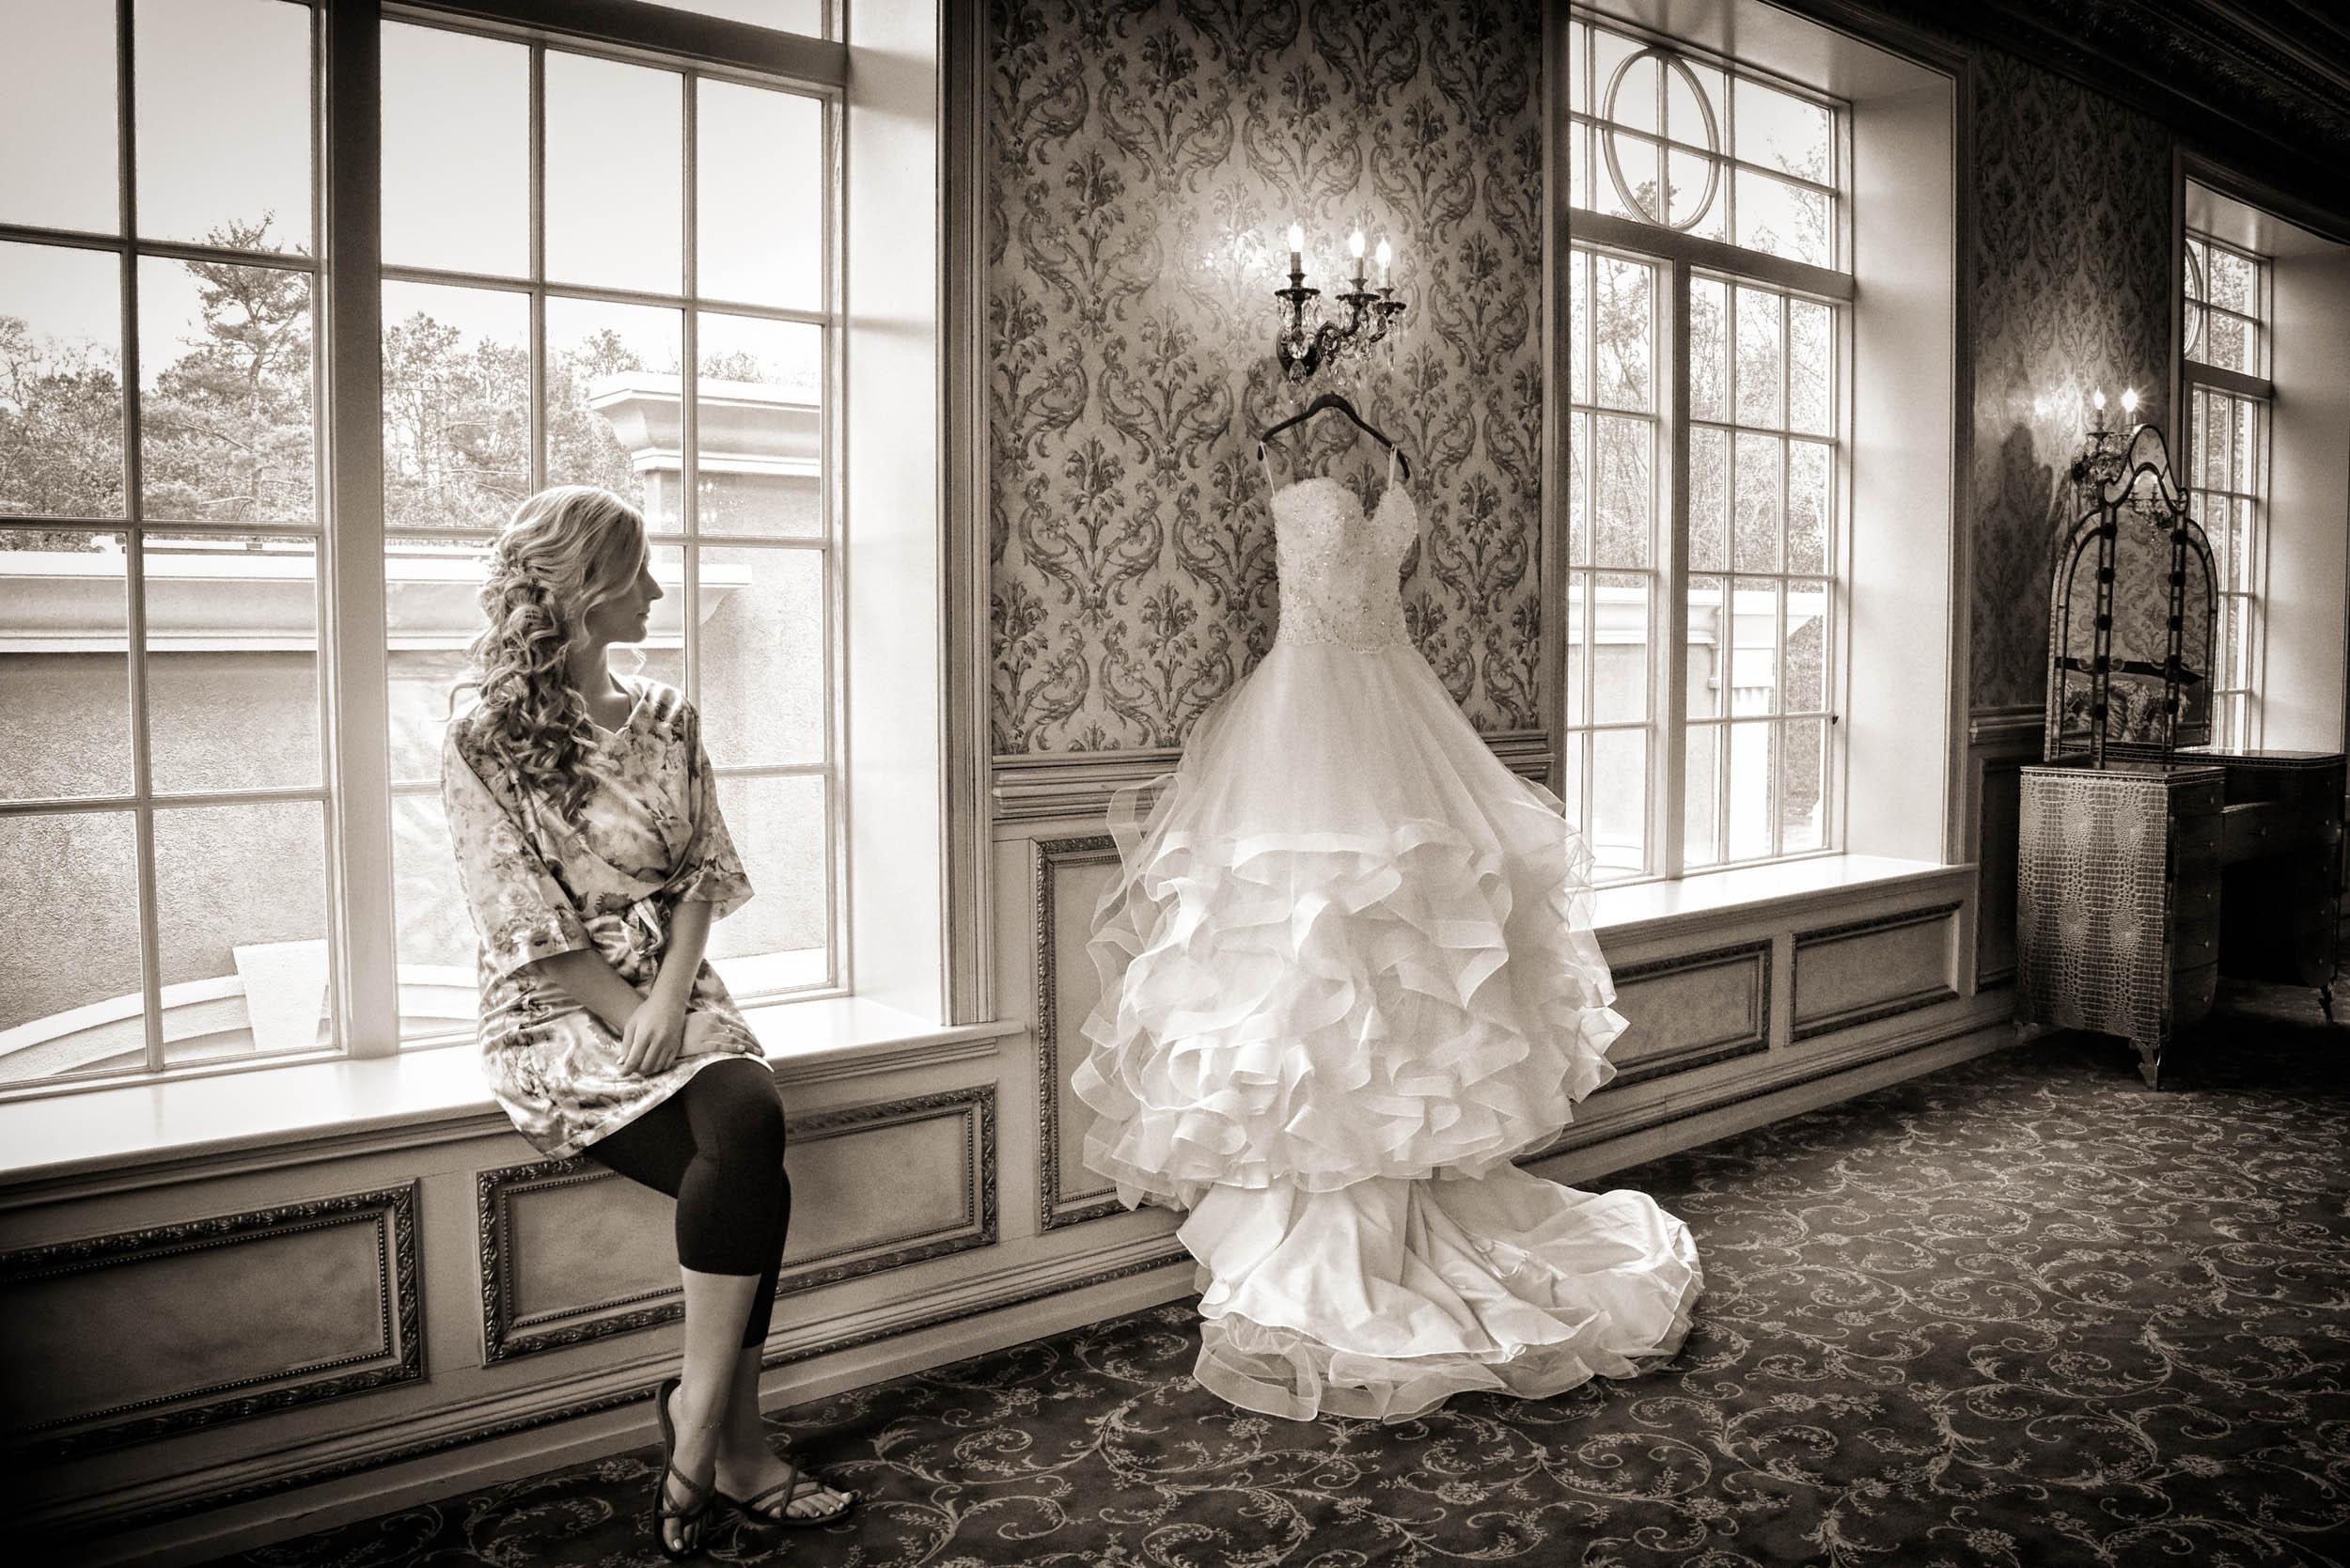 Bride and wedding gown / Brigalias